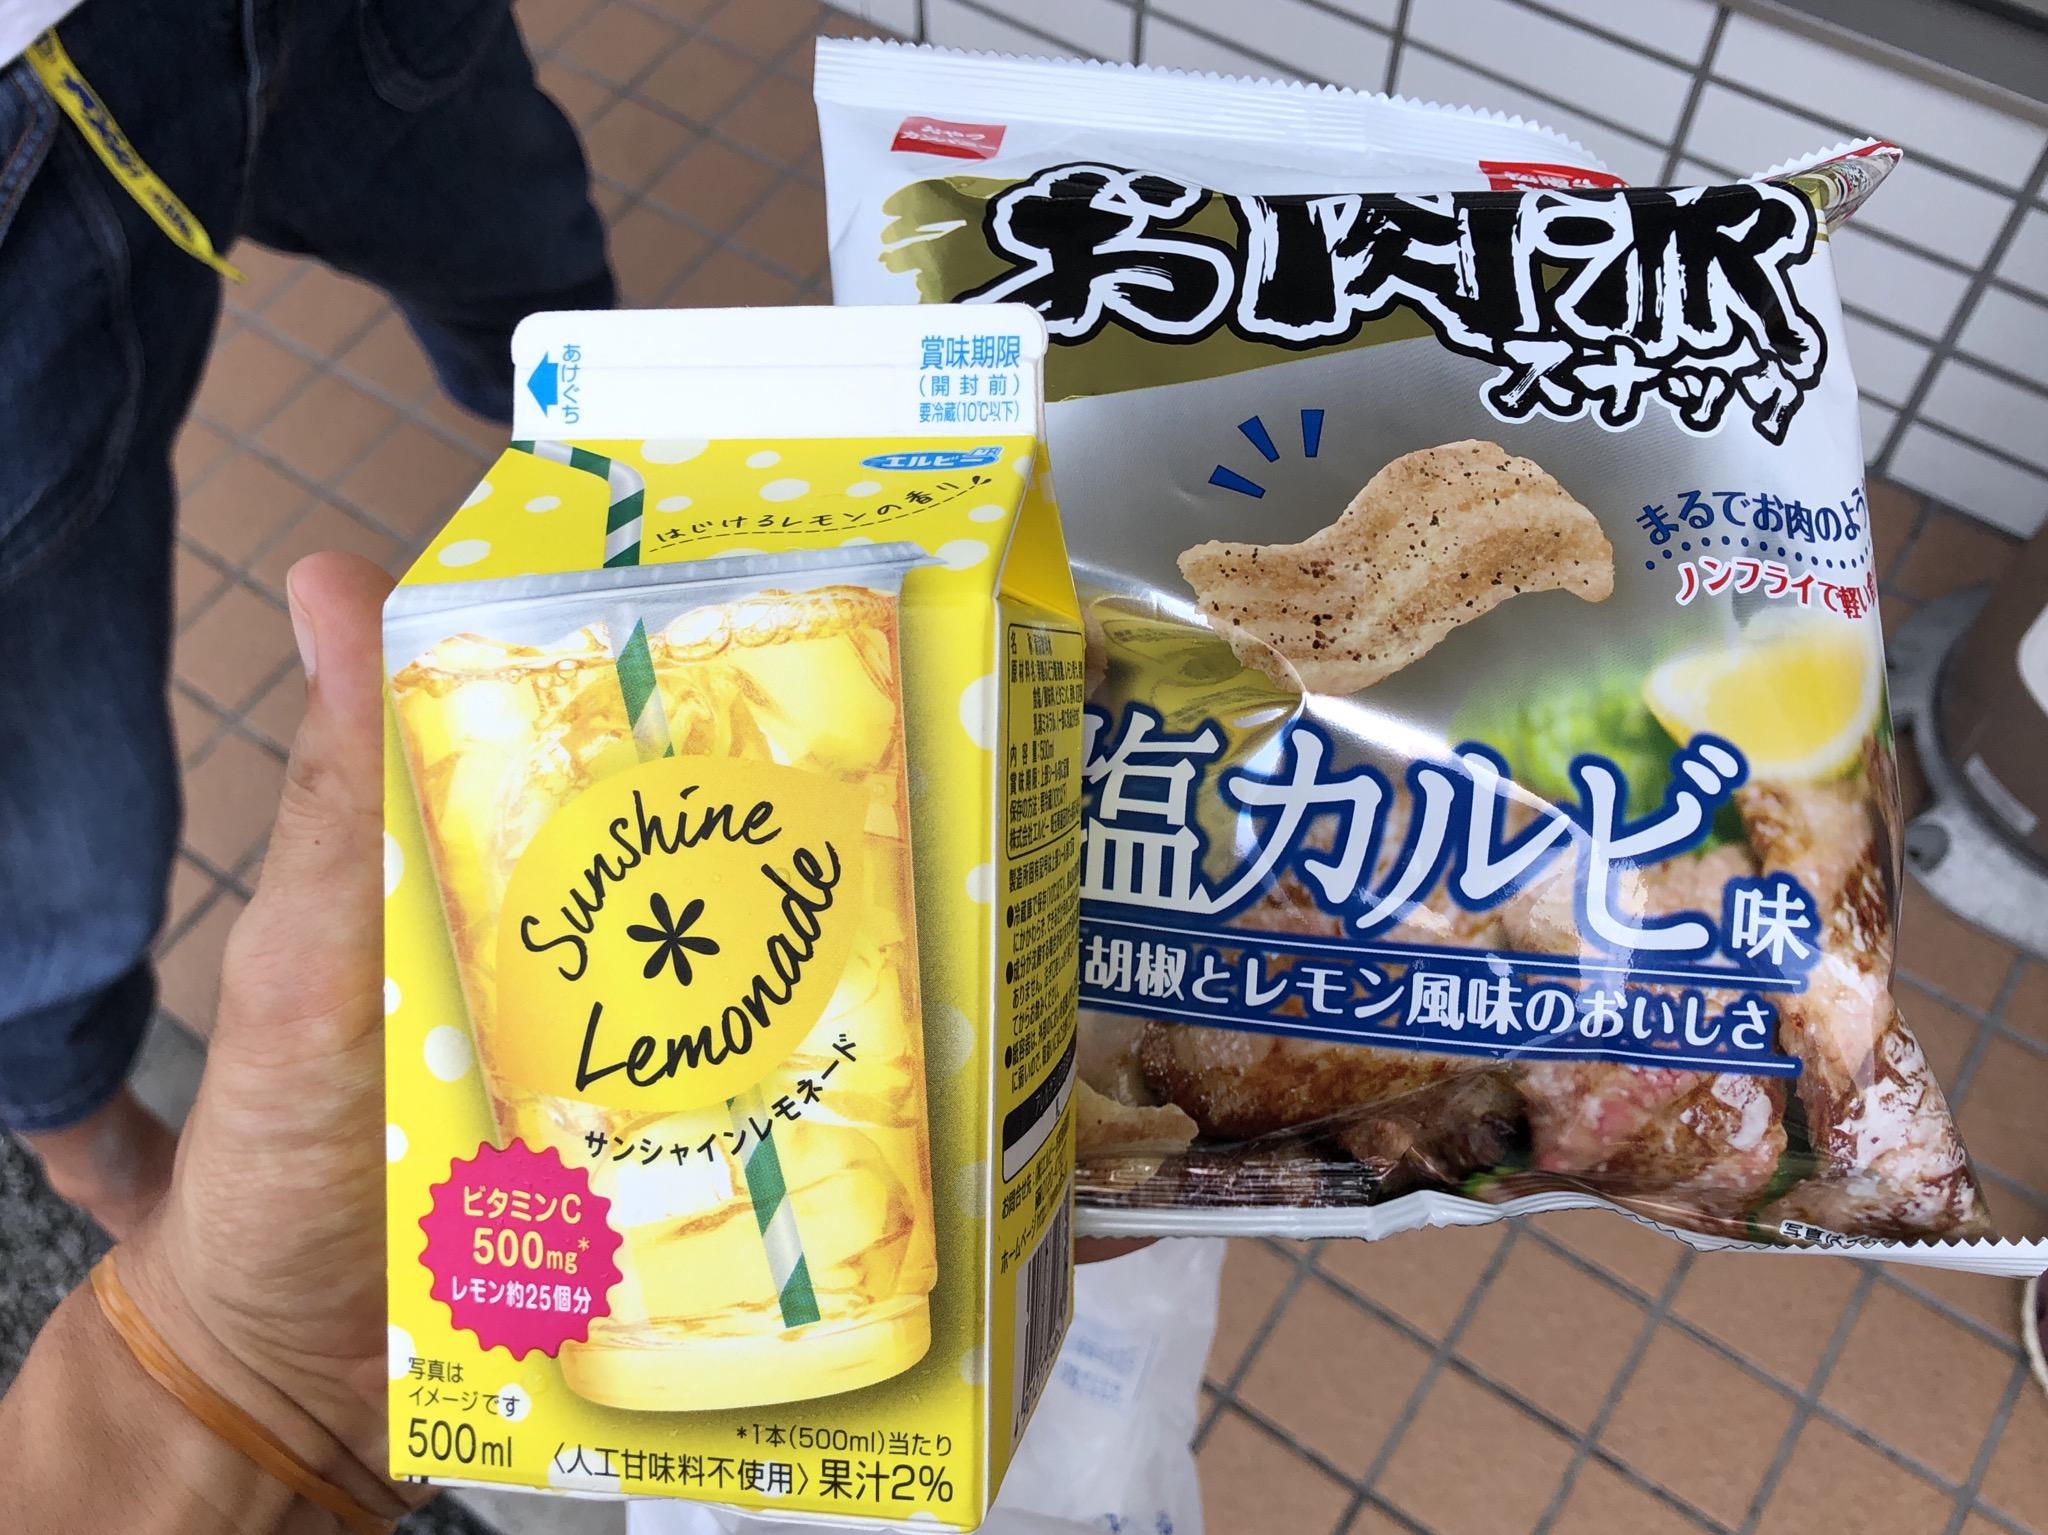 サンシャインレモンネードとお肉はスナック交換 リクルートカード